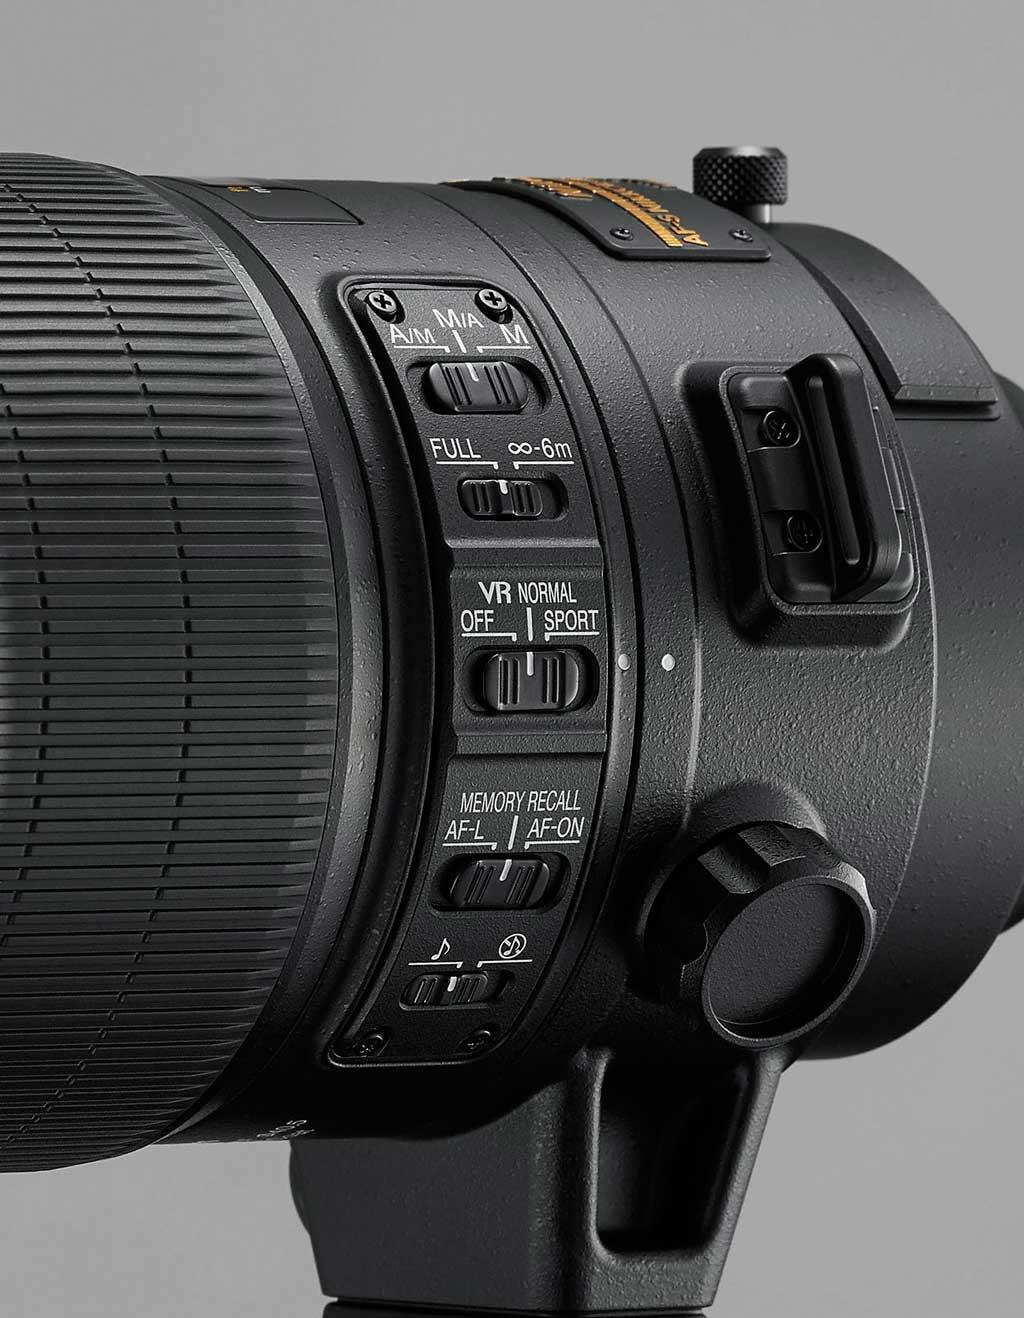 AF-S Nikkor 400mm f2.8E FL ED VR kezelő panel